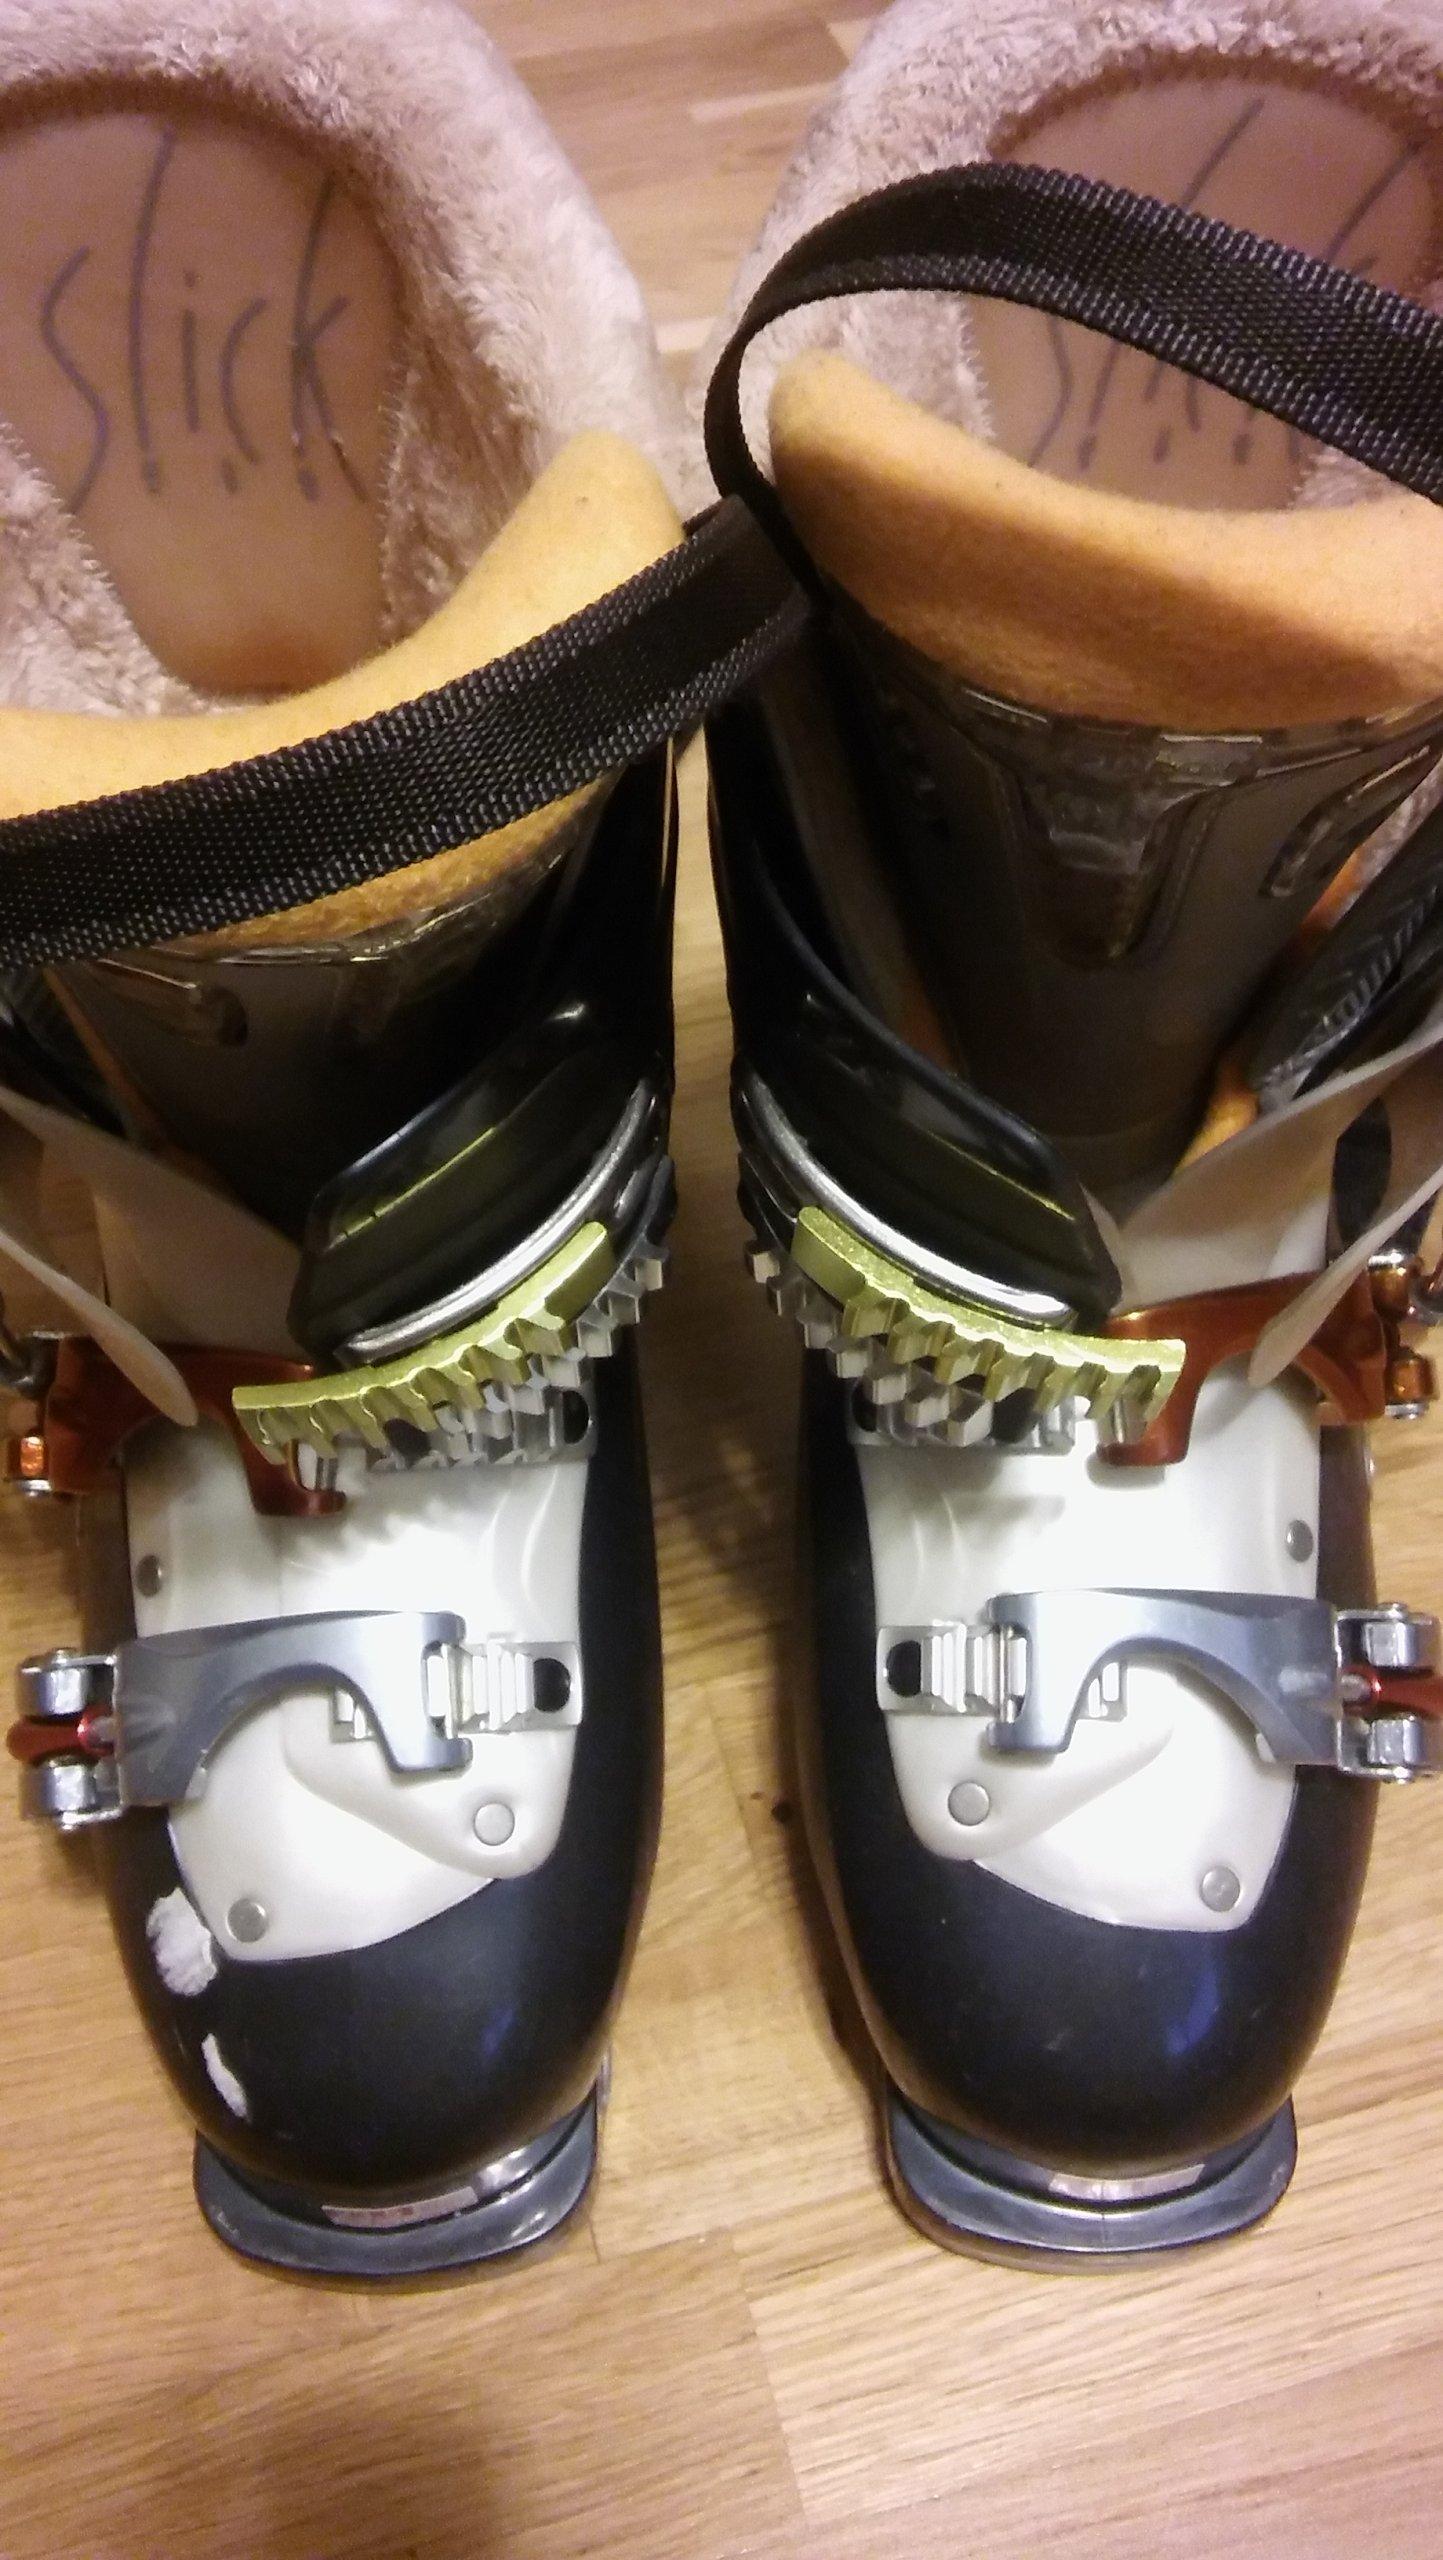 Buty narciarskie salomon irony cf 7.0 rozmiar 39 Galeria